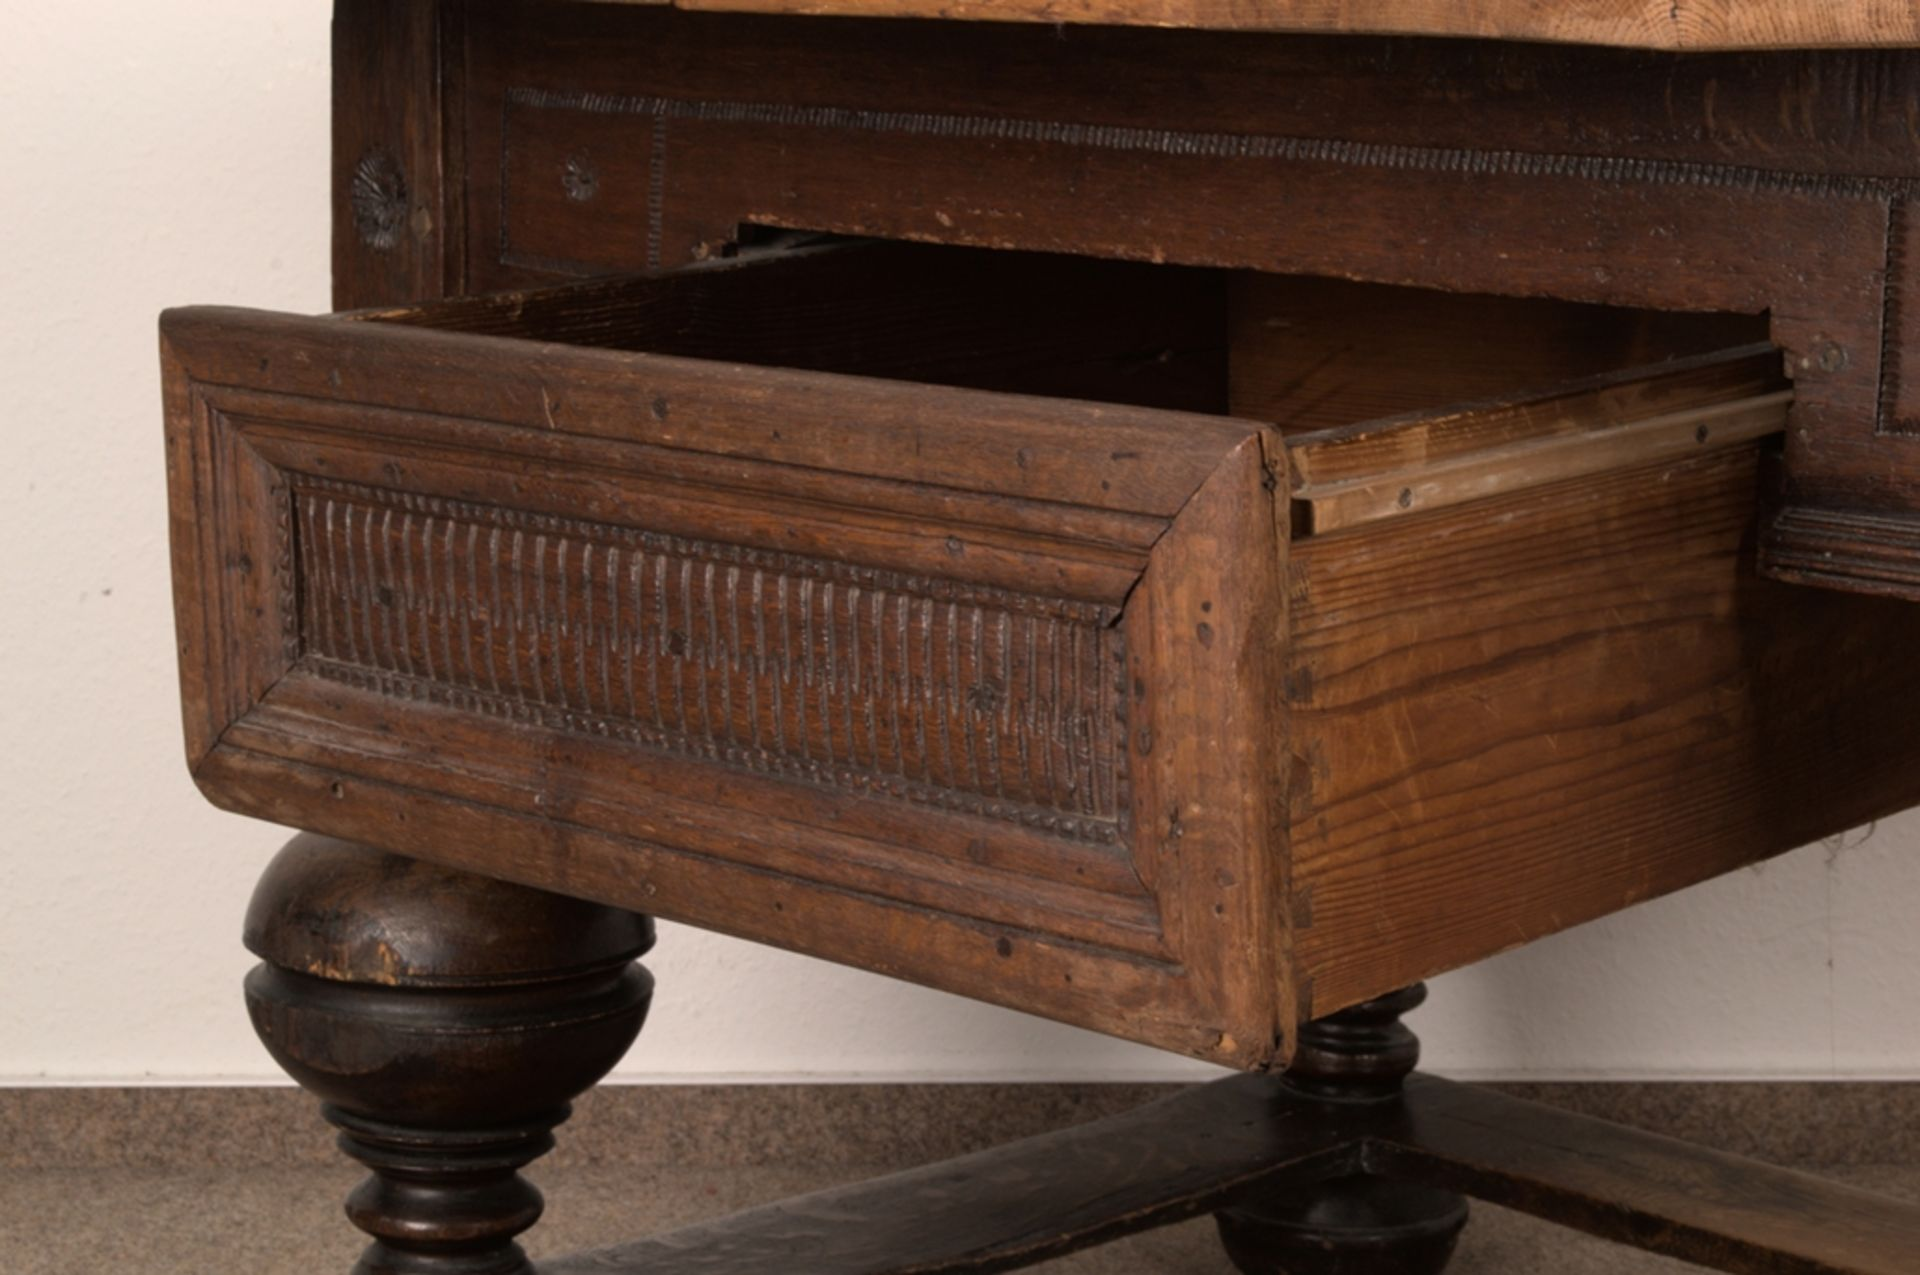 Großer Auszugstisch, Franken um 1730/50. Querverstrebter Tischunterbau mit kräftigen Balusterbeinen, - Bild 19 aus 36